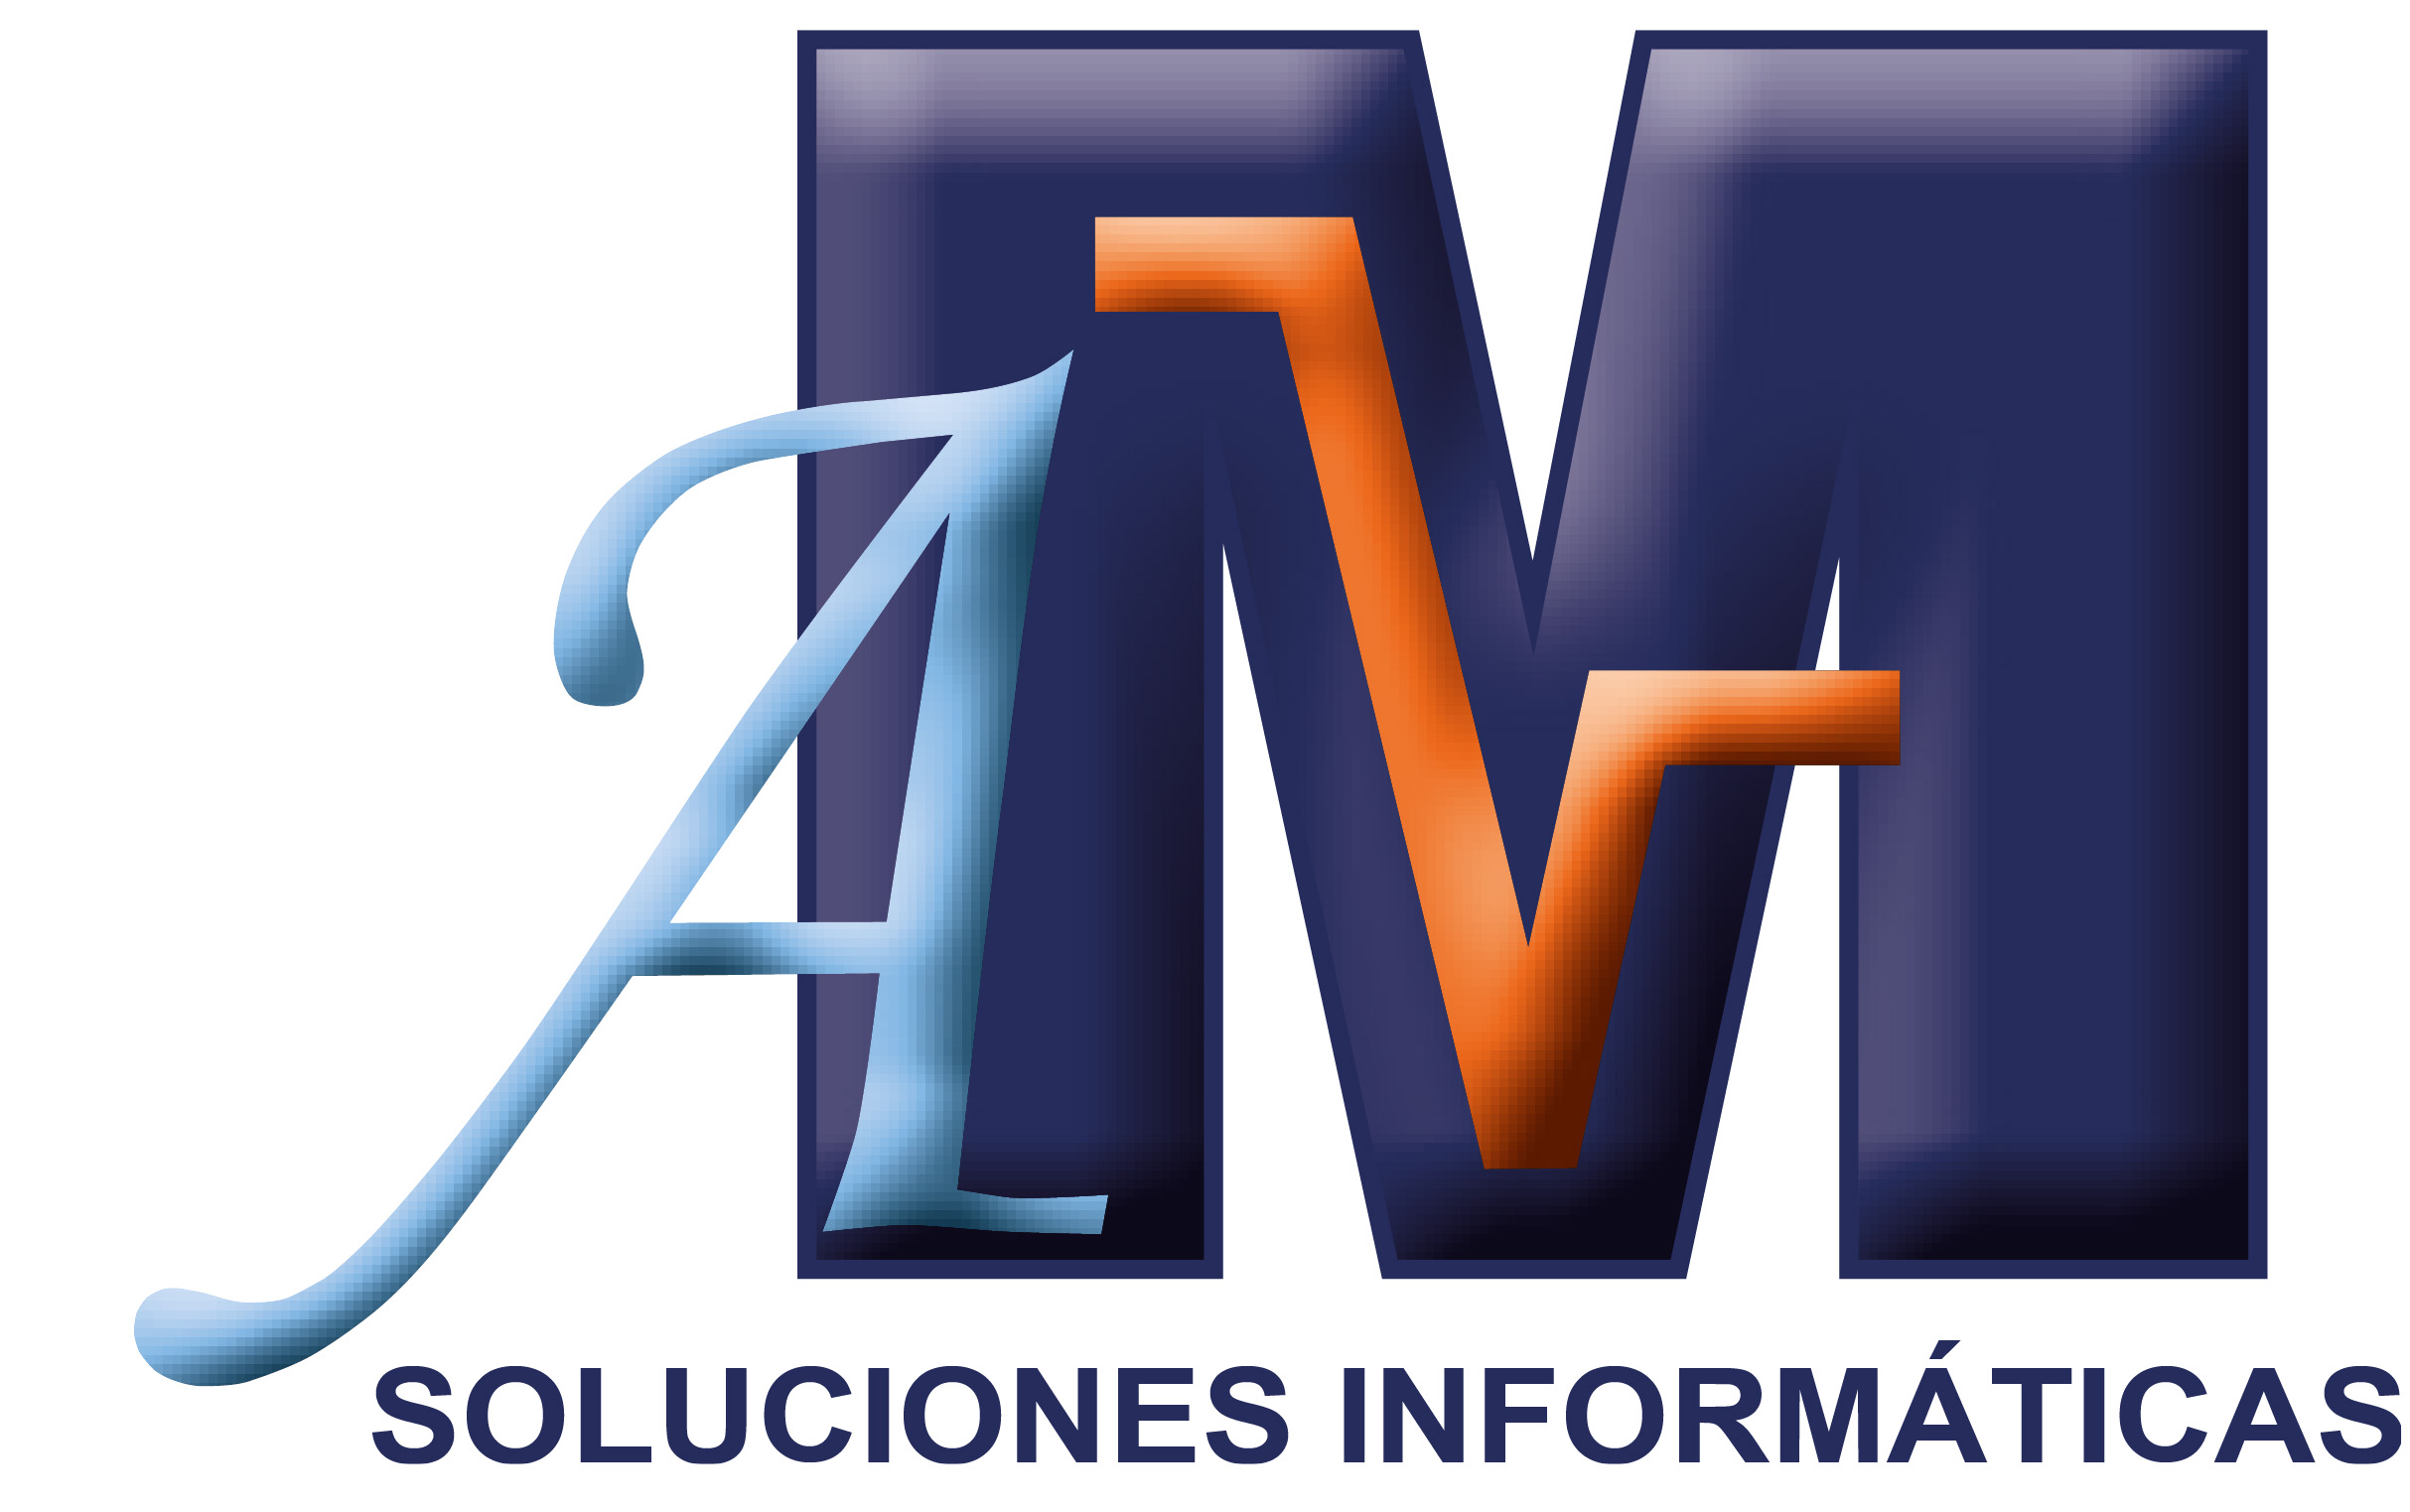 AMV Soluciones para fundicion Vigo